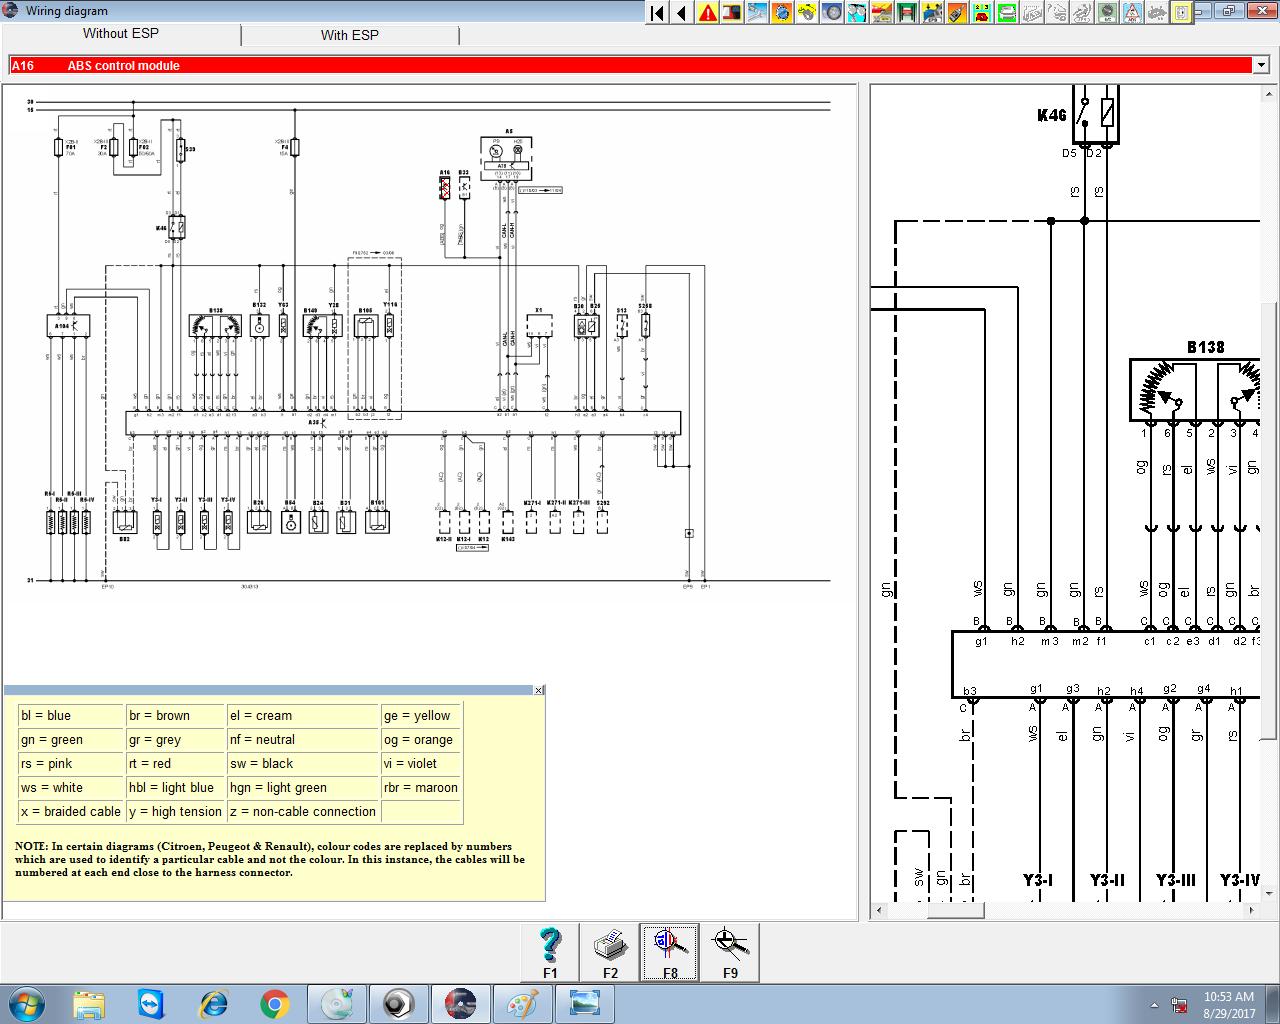 Renault Trafic Abs Wiring Diagram : Renault trafic ecu wiring diagram choice image